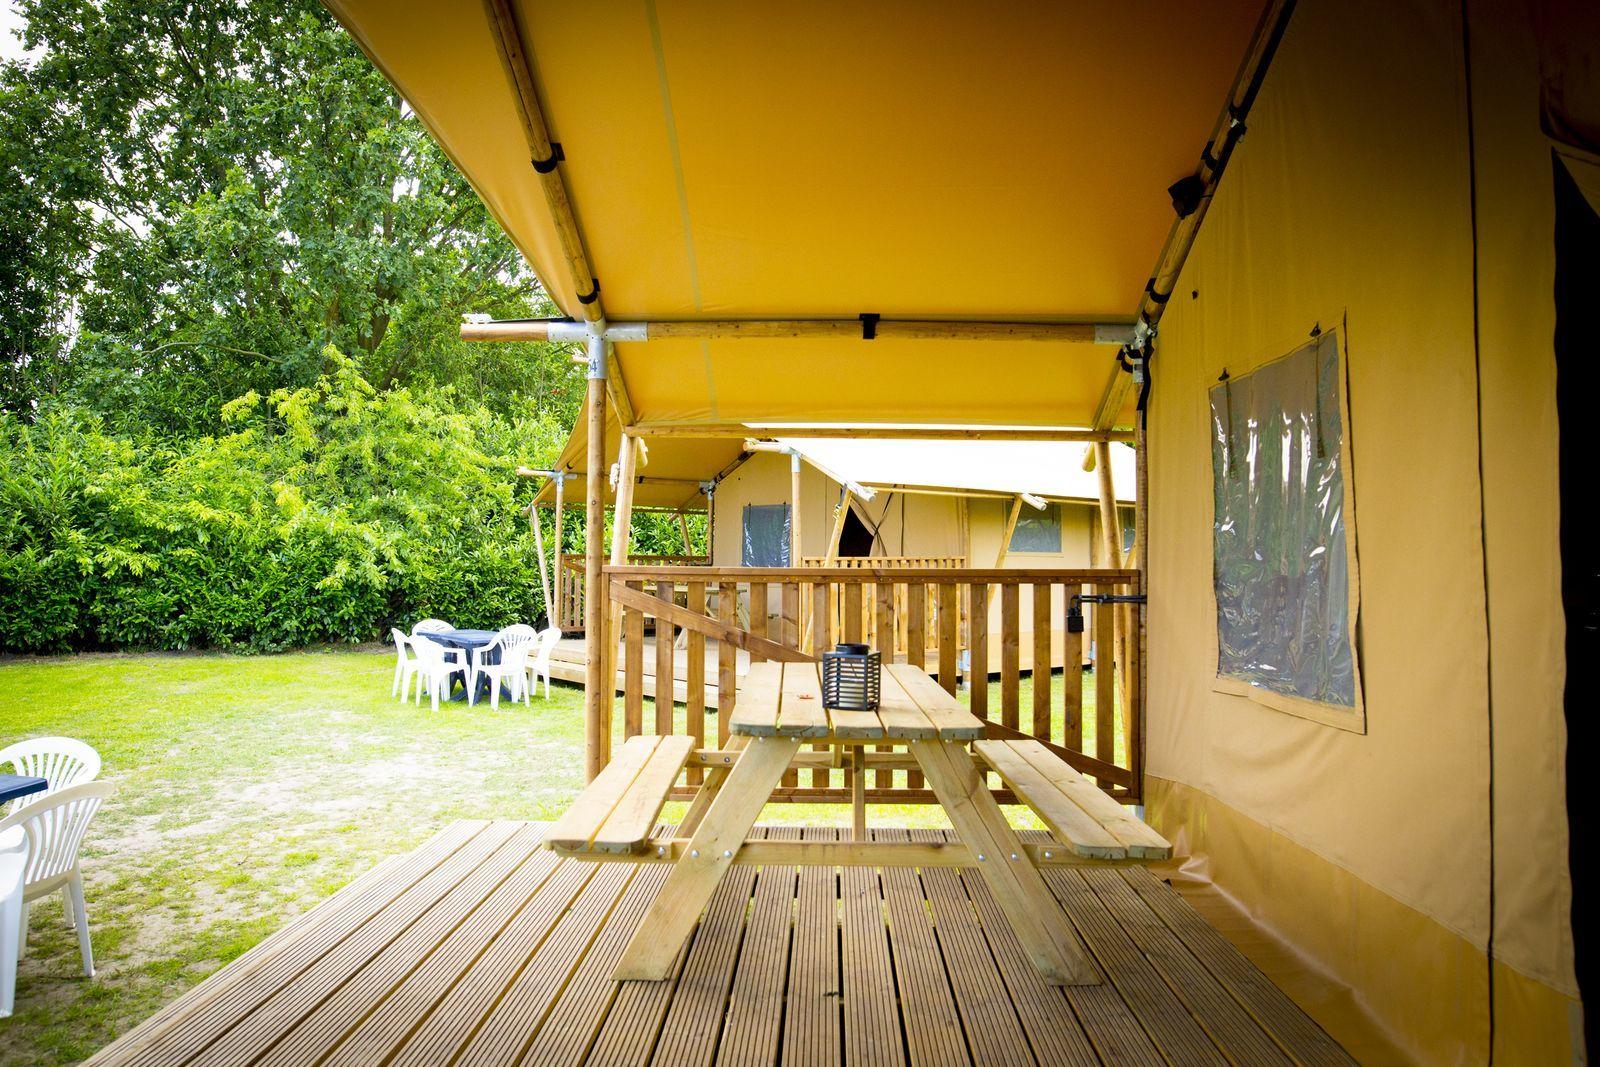 Rental tent Bungalow Deluxe 5p.